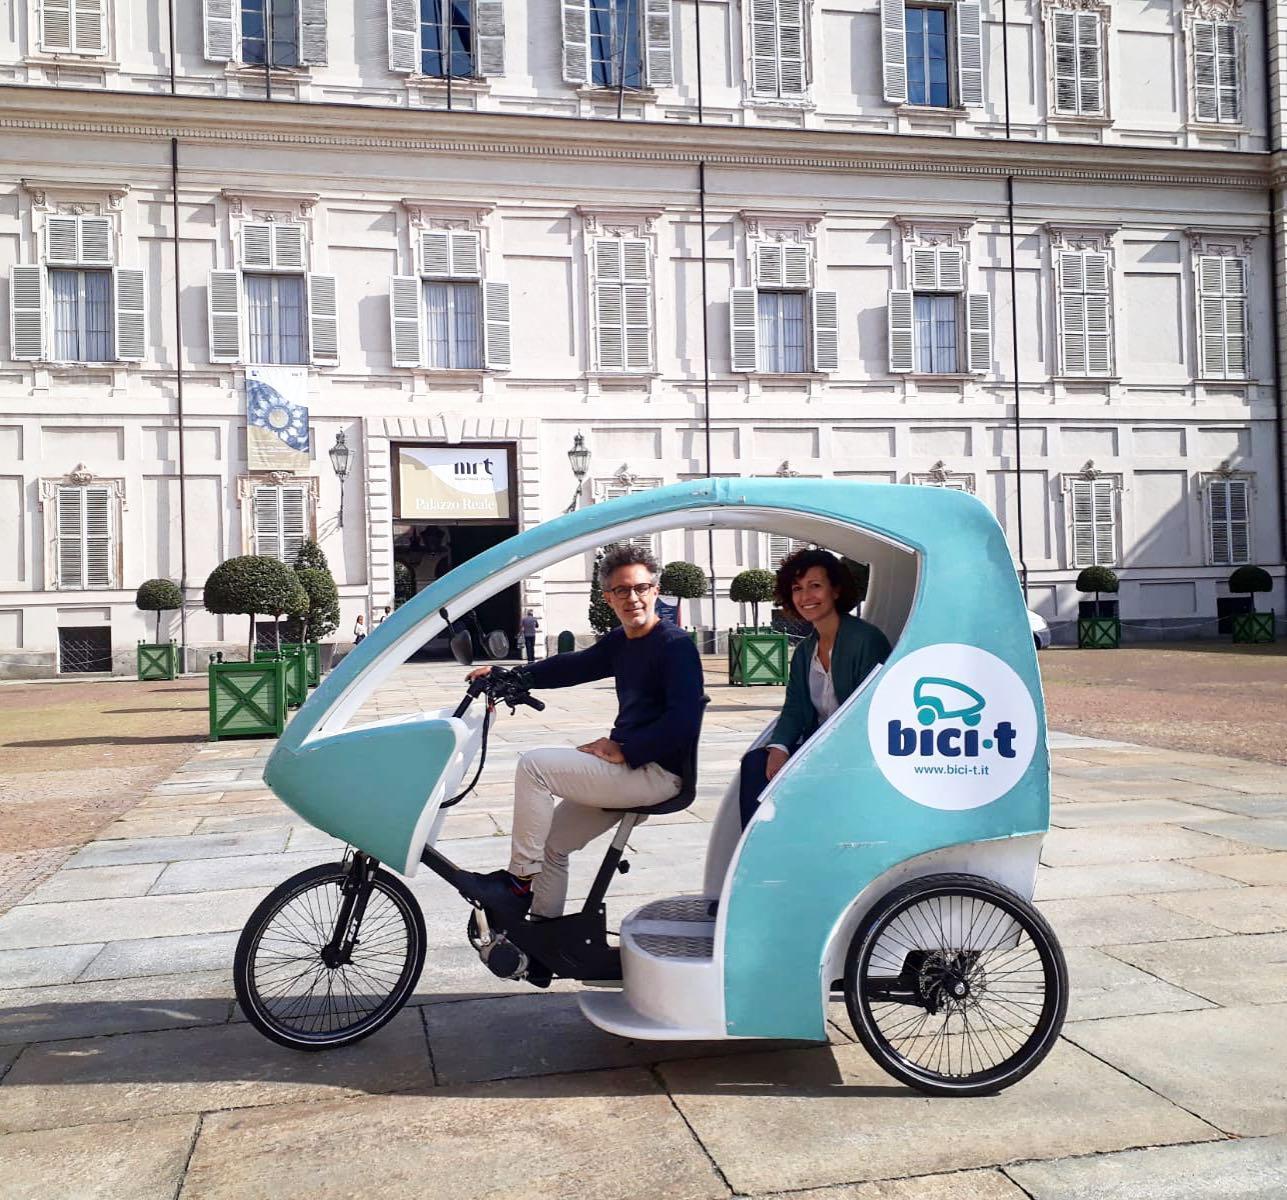 Bici-t, il trasporto turistico sostenibile a bordo di risciò per scoprire Torino